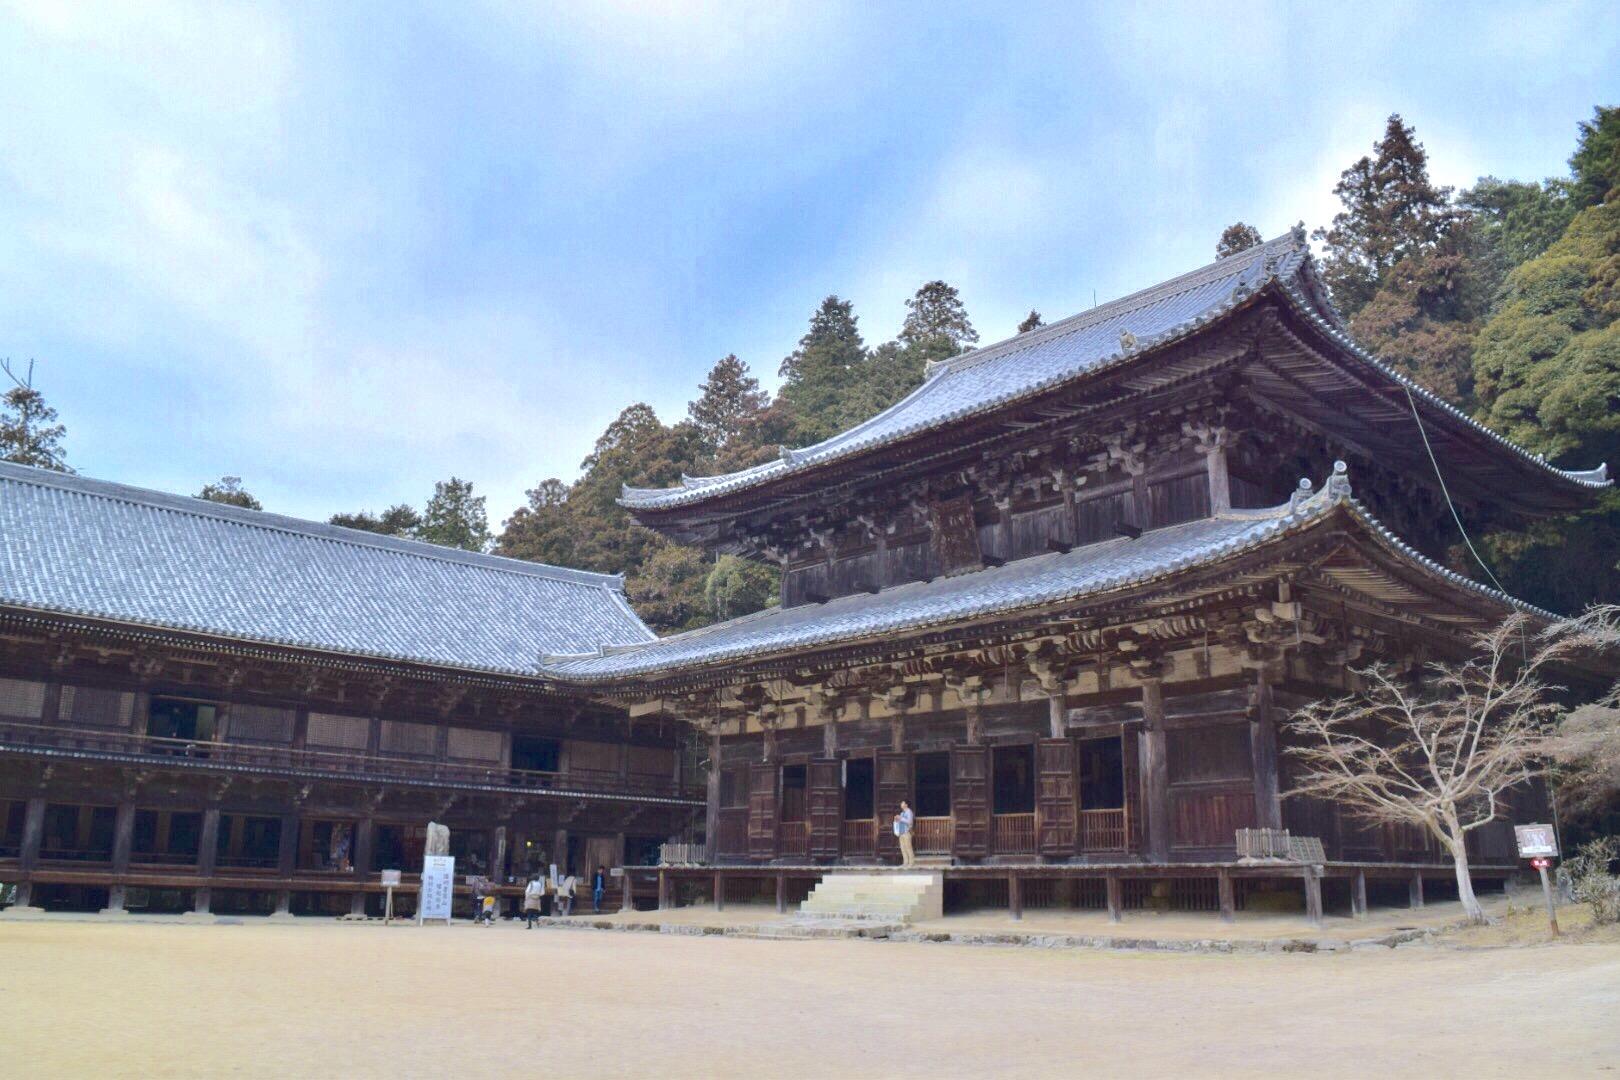 書写山園教寺の大講堂と食堂